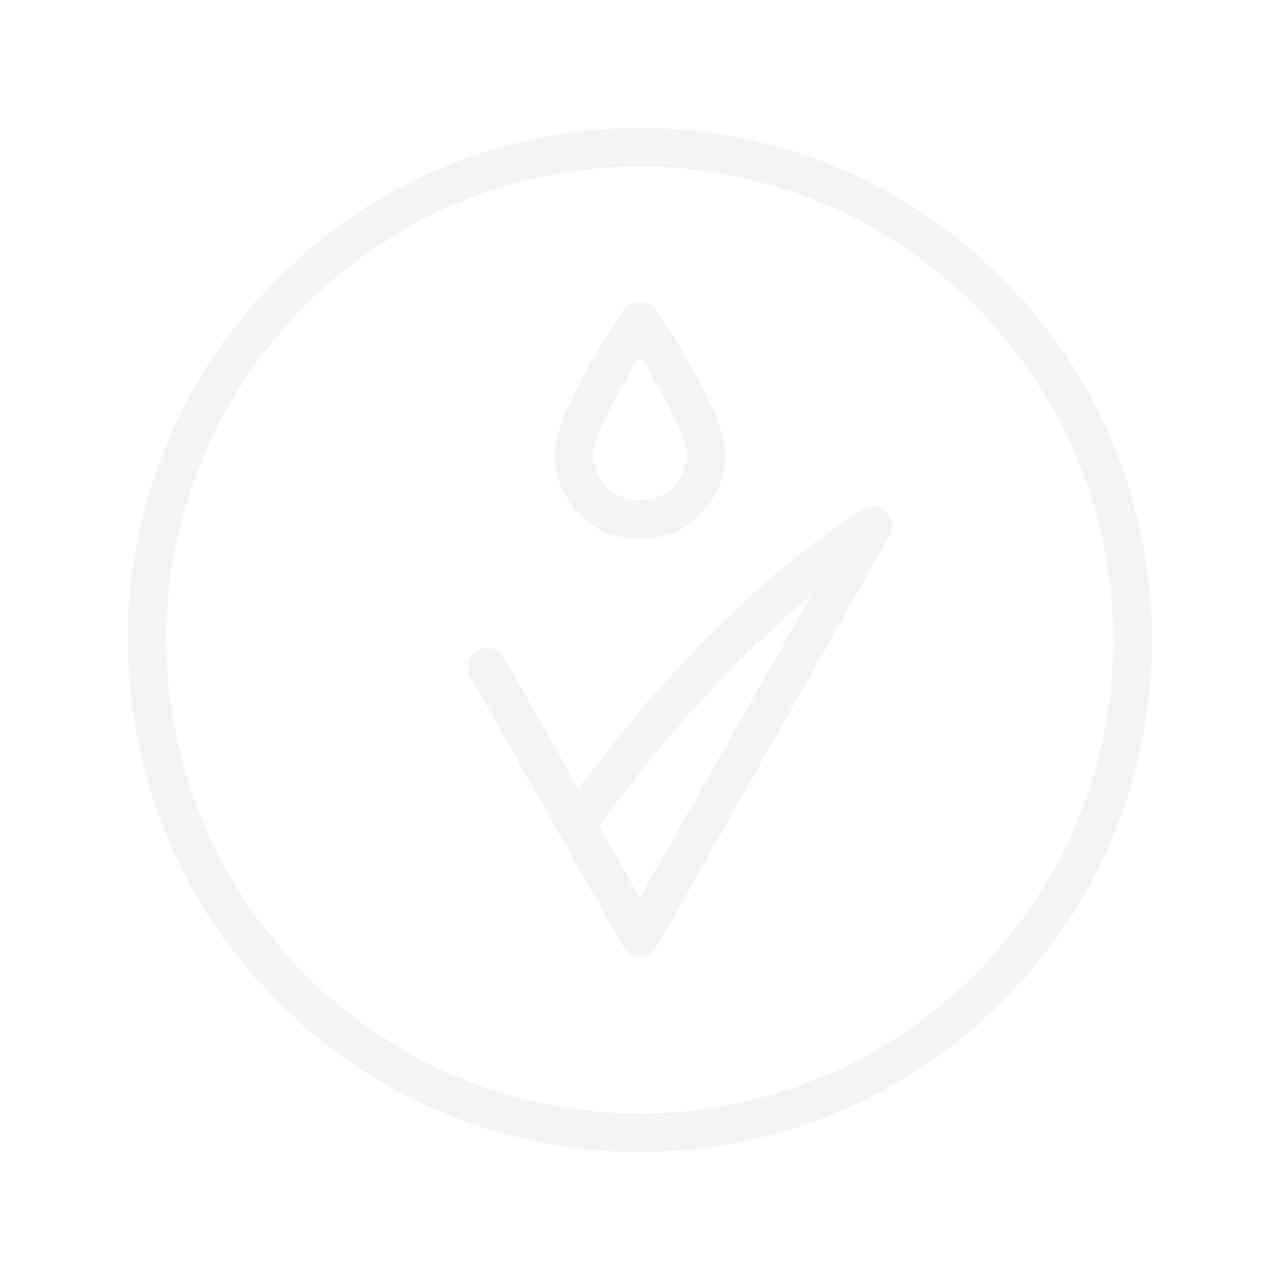 BOURJOIS Blurs & Corrects Concealer Stick 3.5g